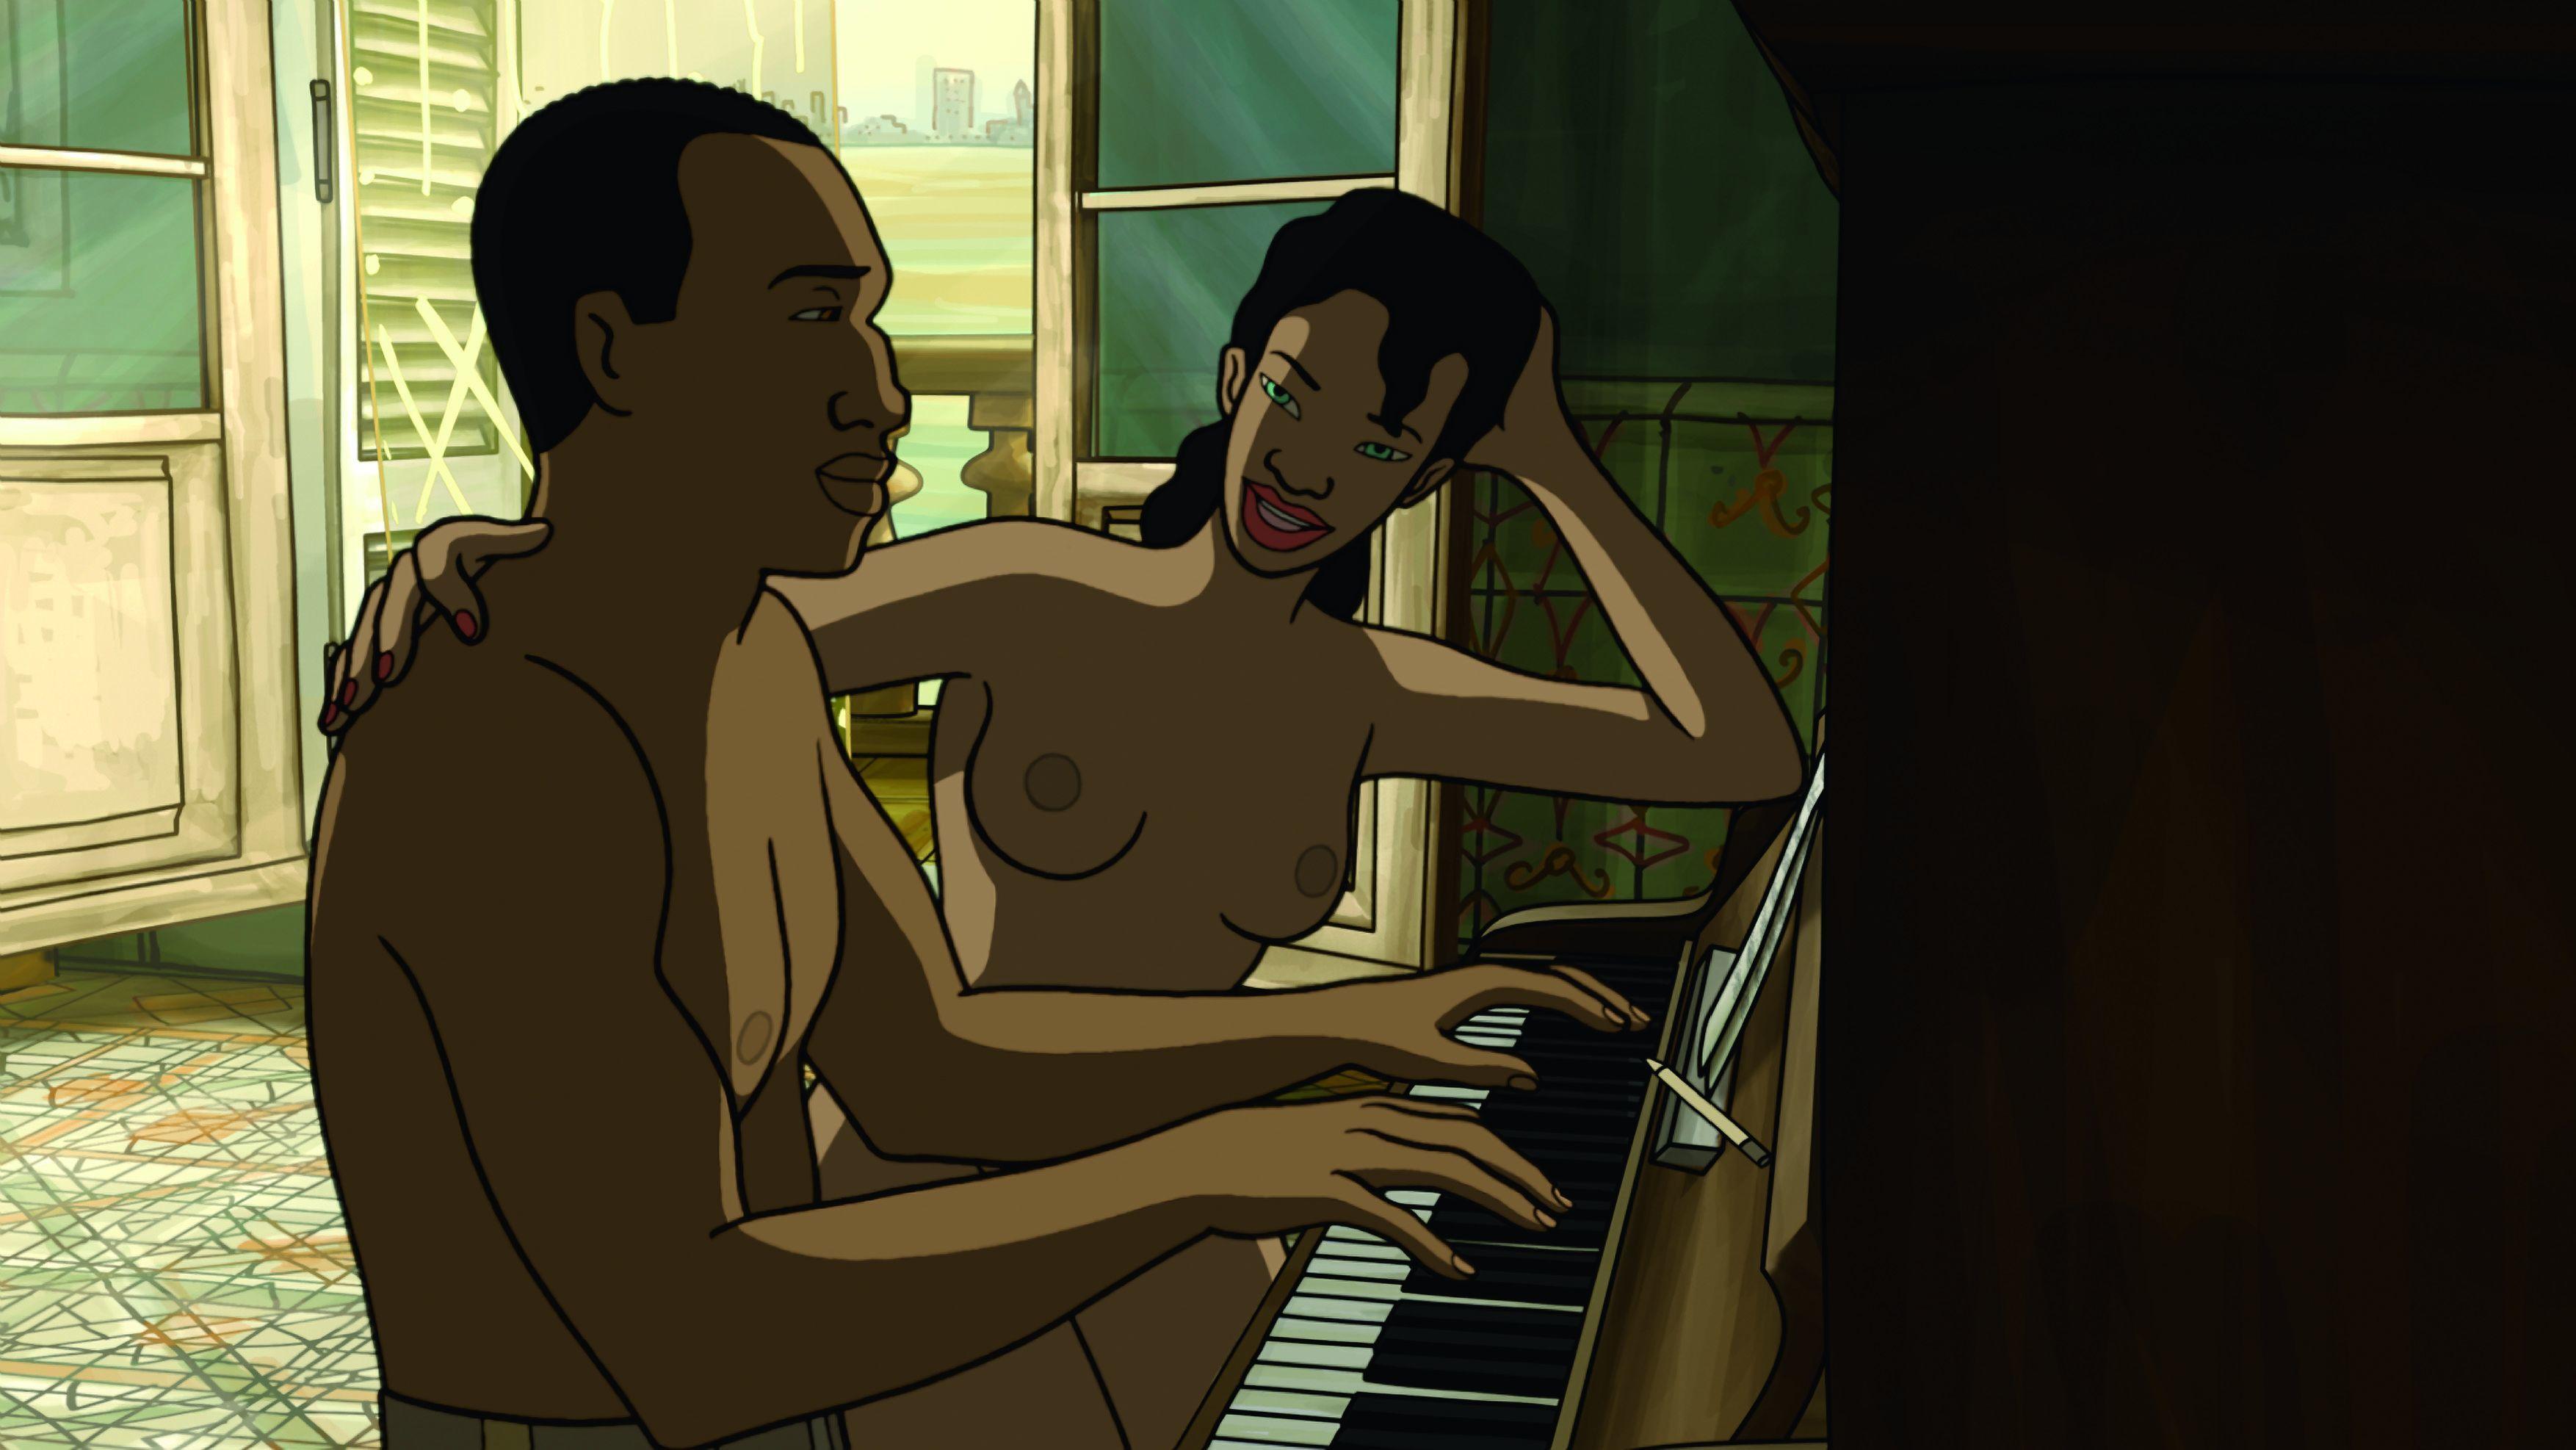 Чико и пико смотреть онлайн без цензуры 16 фотография